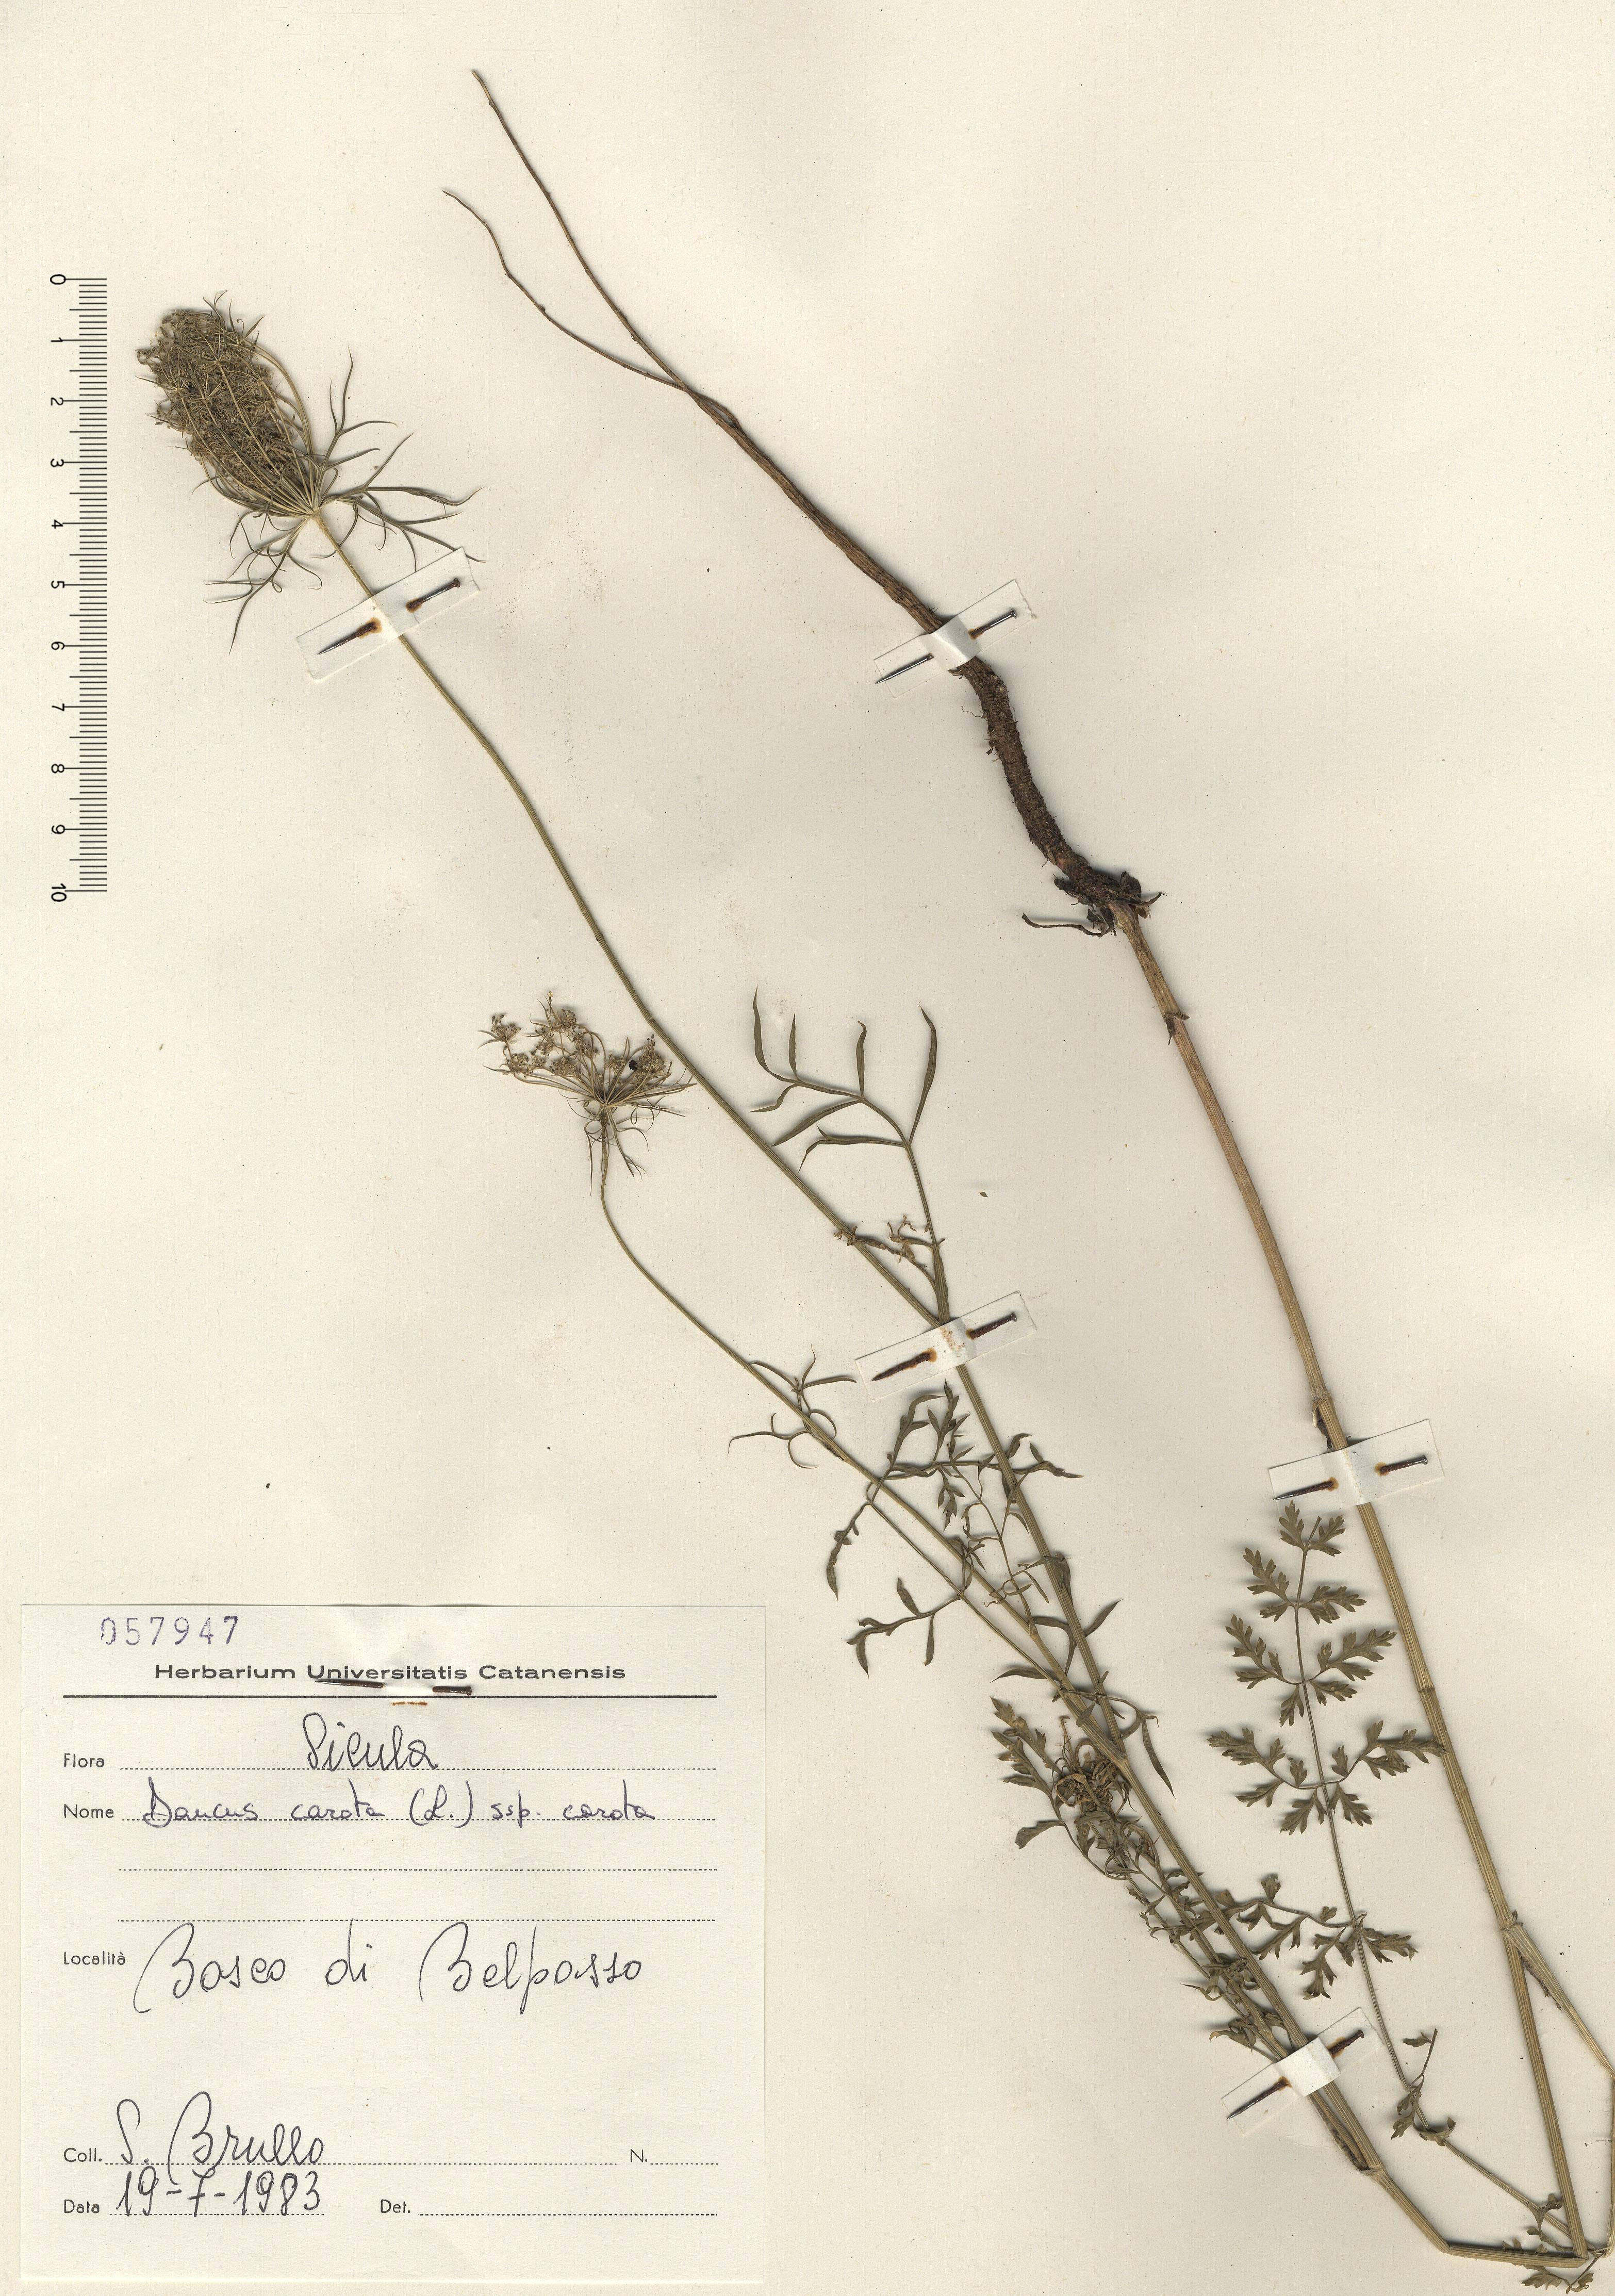 © Hortus Botanicus Catinensis - Herb. sheet 057947<br>